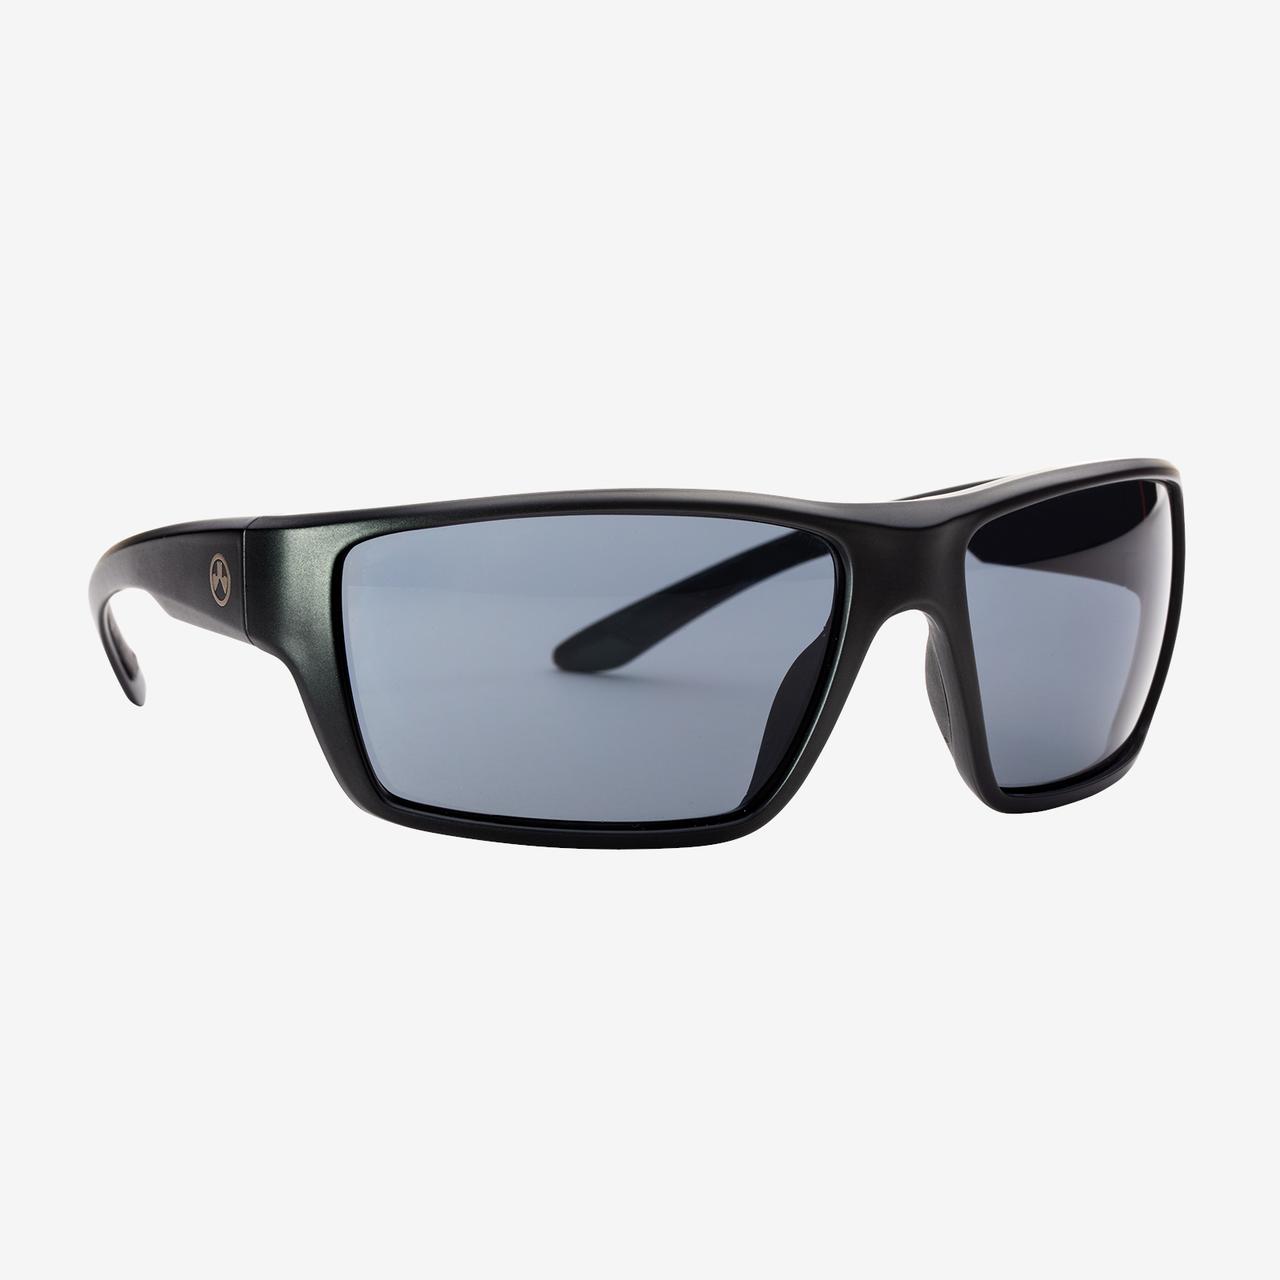 Magpul Terrain Eyewear